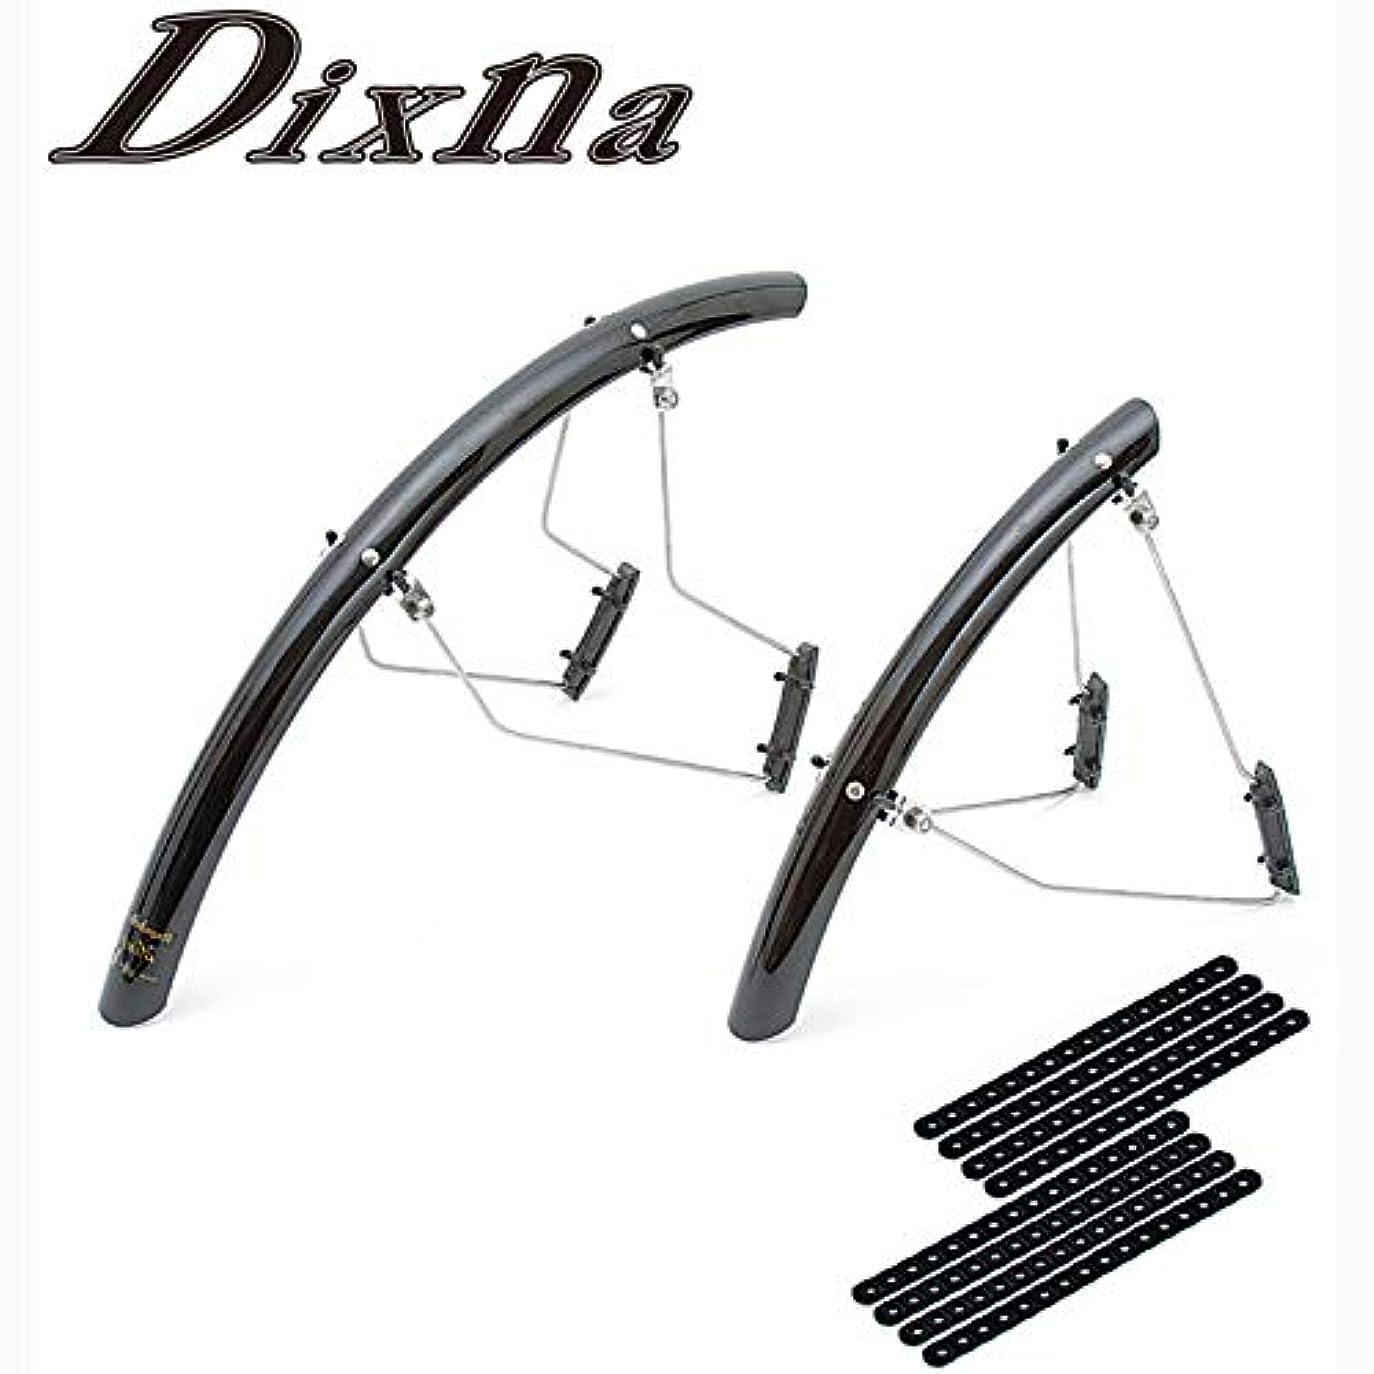 許容できる圧縮された忘れっぽいDIXNA(ディズナ) クラウドリフト 700c用 フェンダー カラー ブラック V23P030 ブラック